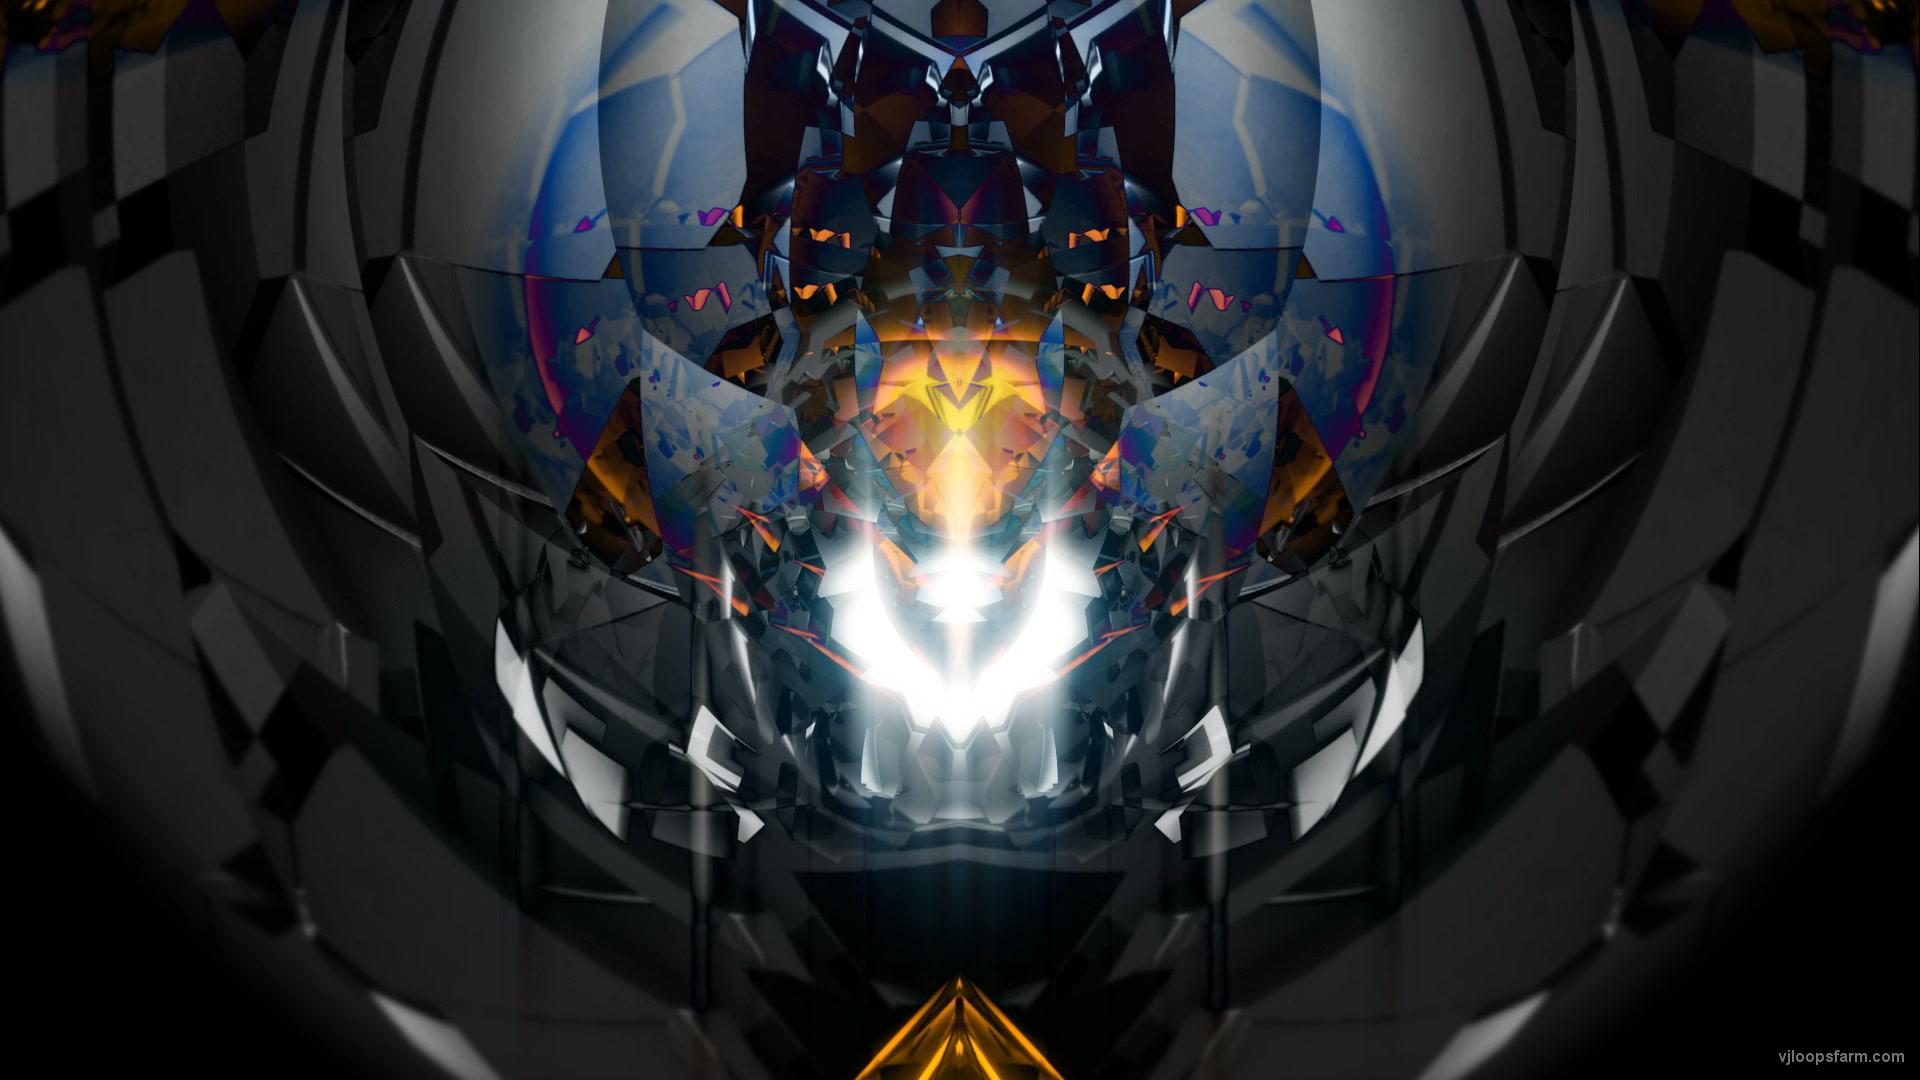 vj video background Metamorphosis-Abstract-Ritual-Gate-Energy-Video-Art-VJ-Loop_003